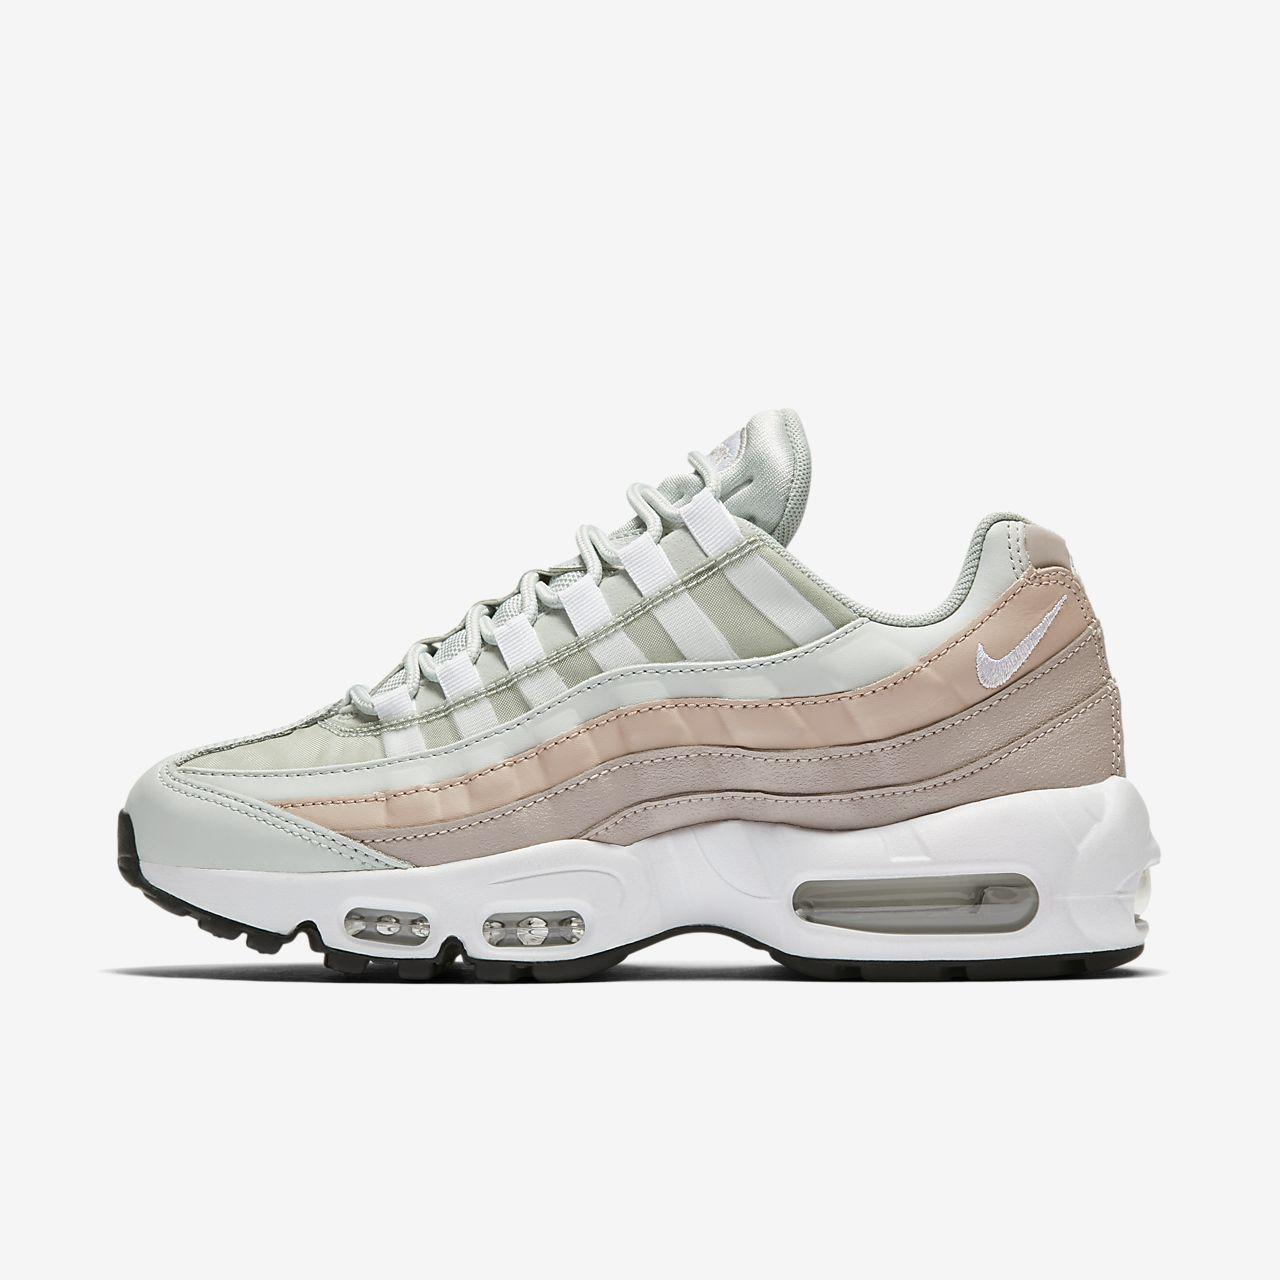 nike chaussure air max 95 femme